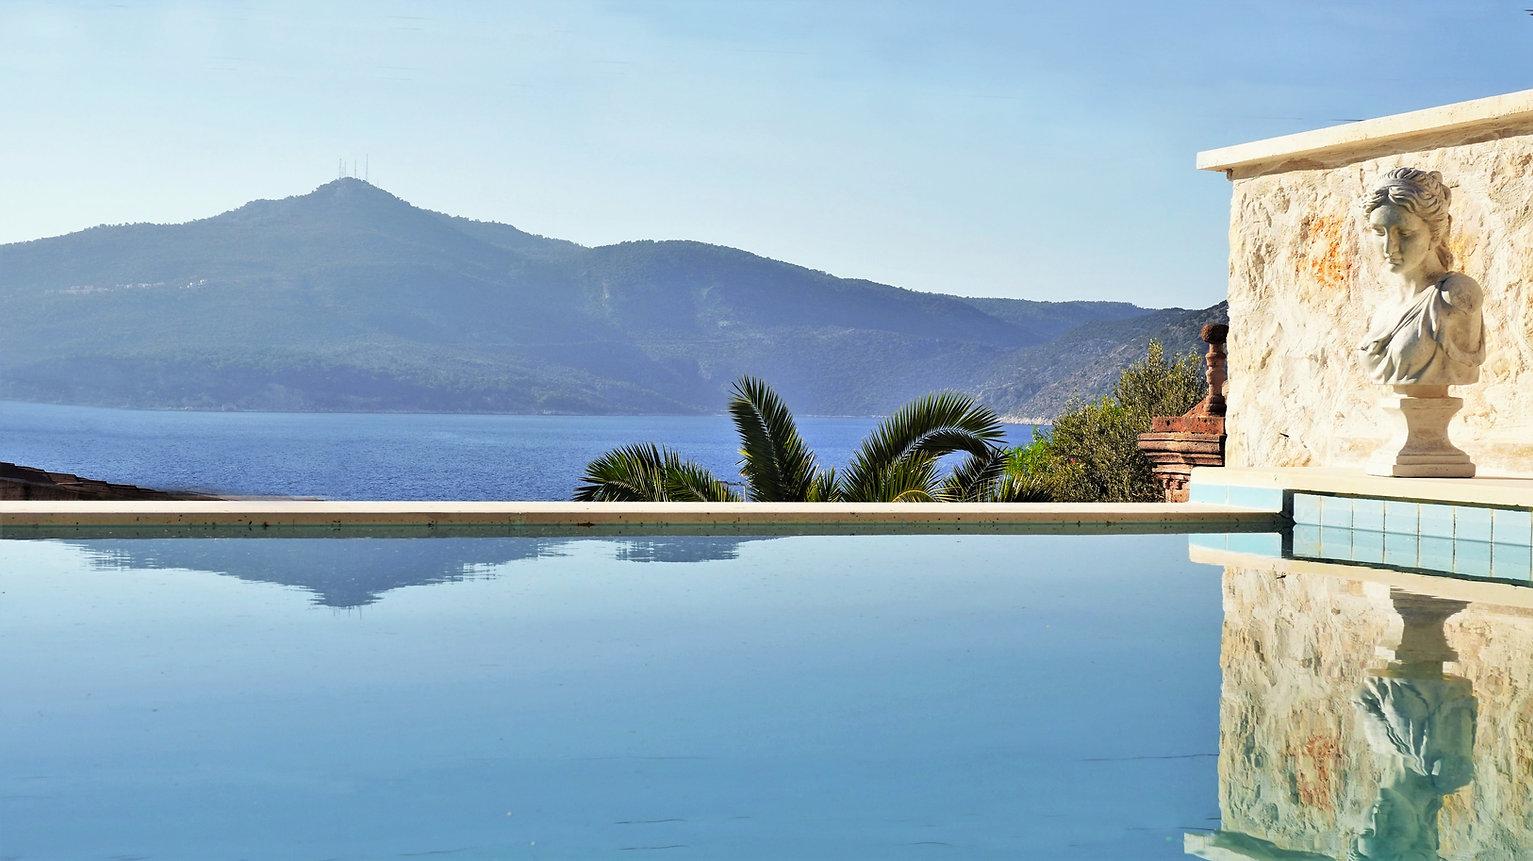 Sundream villas Kalkan seaside holiday rental